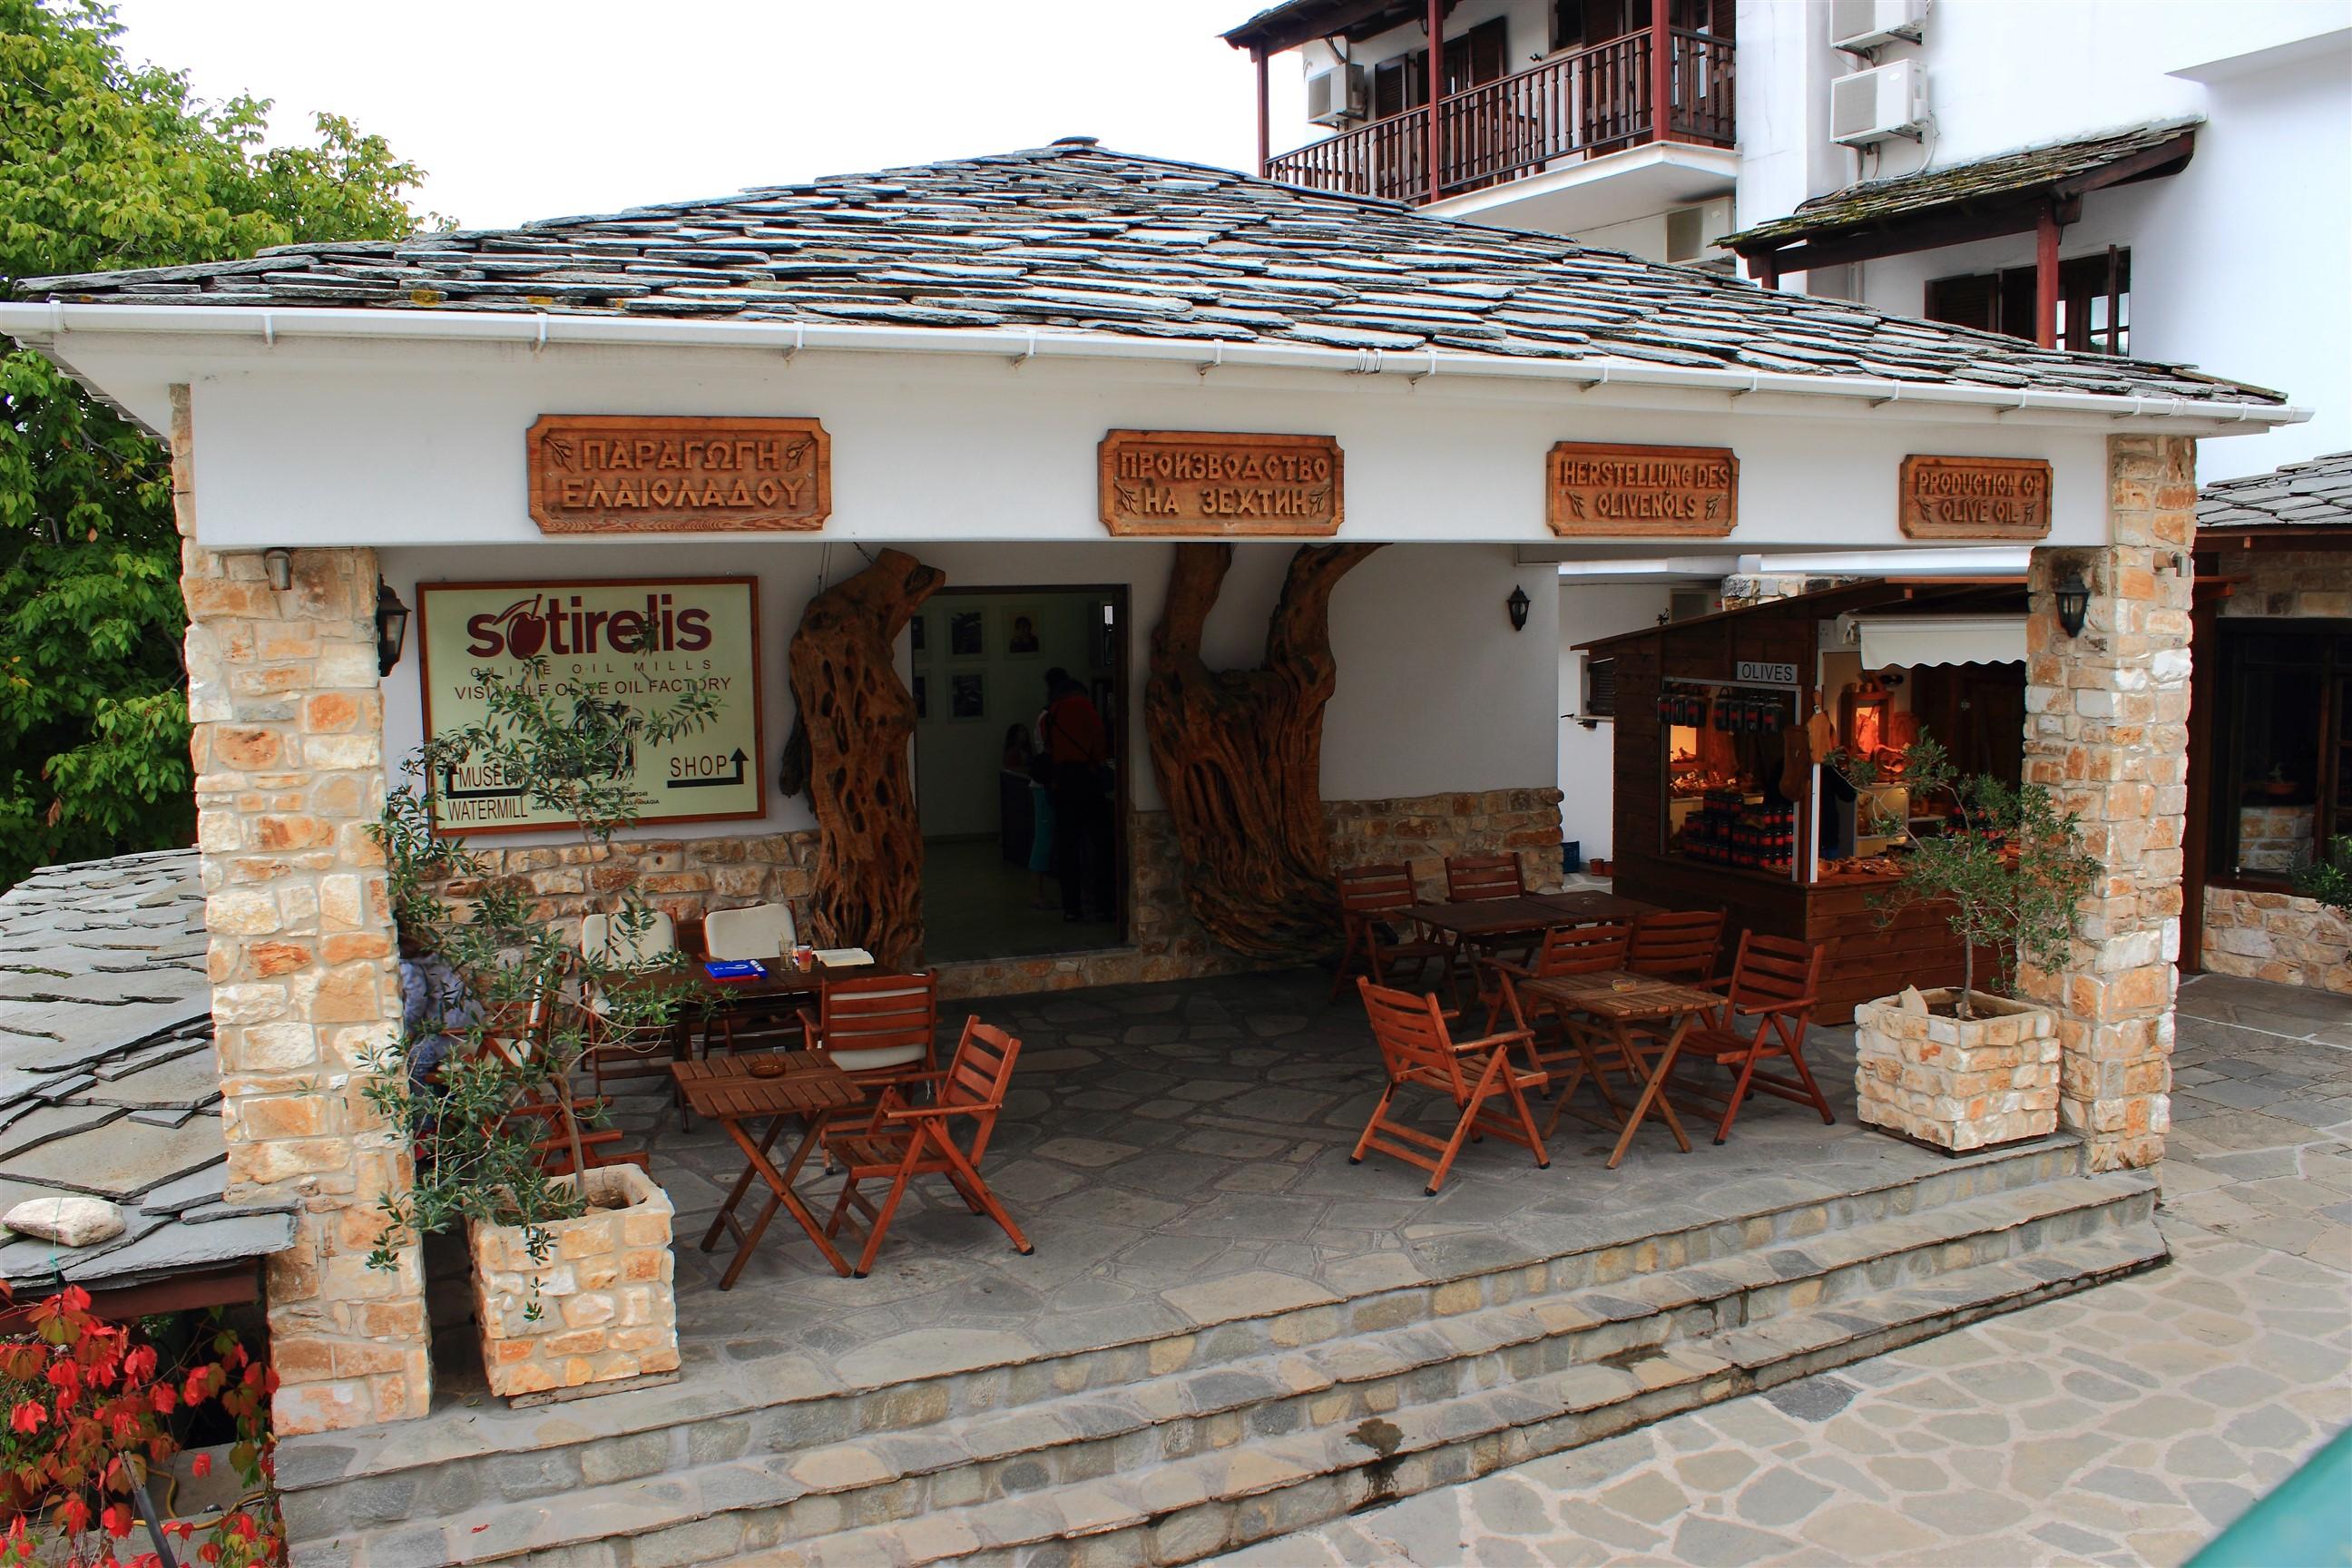 Sotirelis - muzeum i sklep z artykułami oliwnymi. Po prawej stronie stoisko z oliwkami i drewnodziełami.